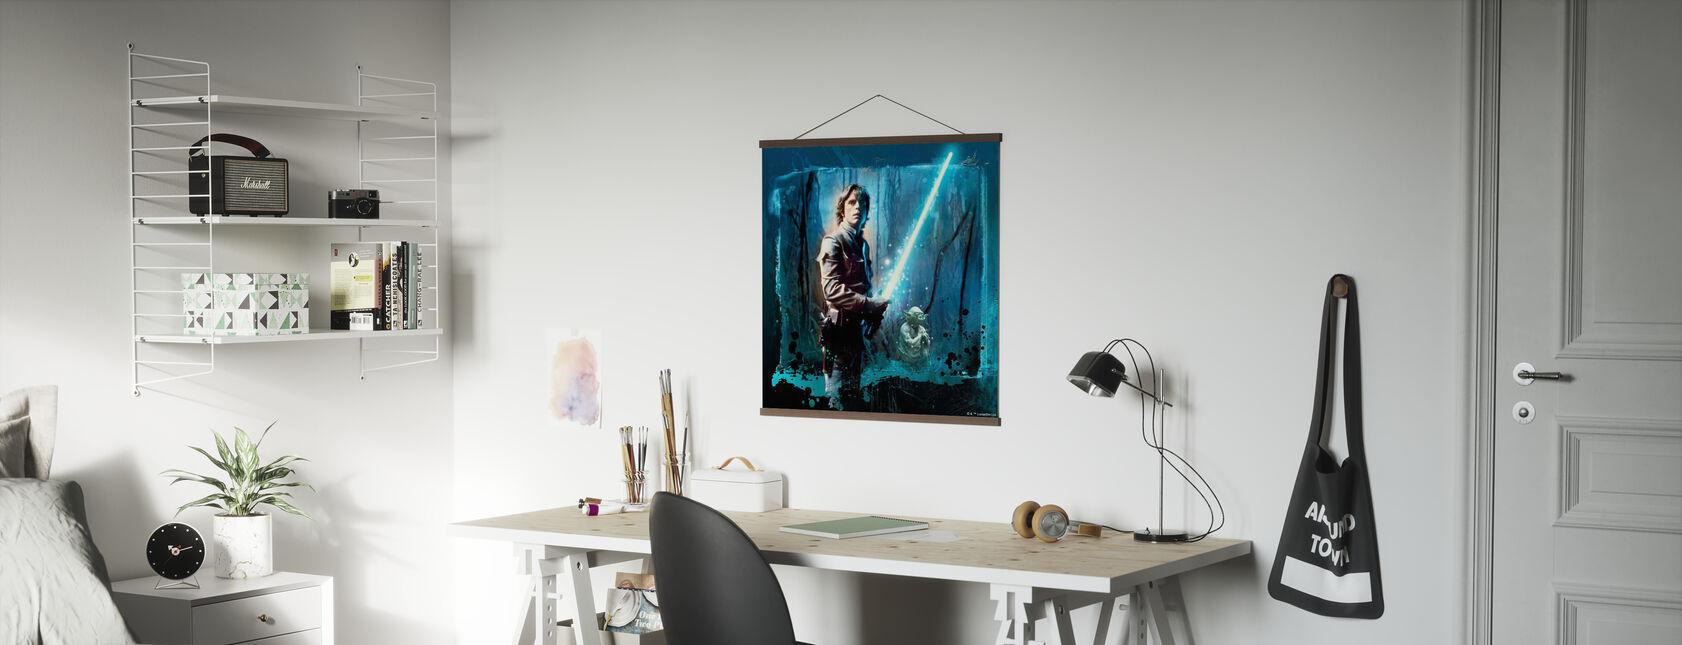 Star Wars - Luke Skywalker e Yoda - Poster - Uffici